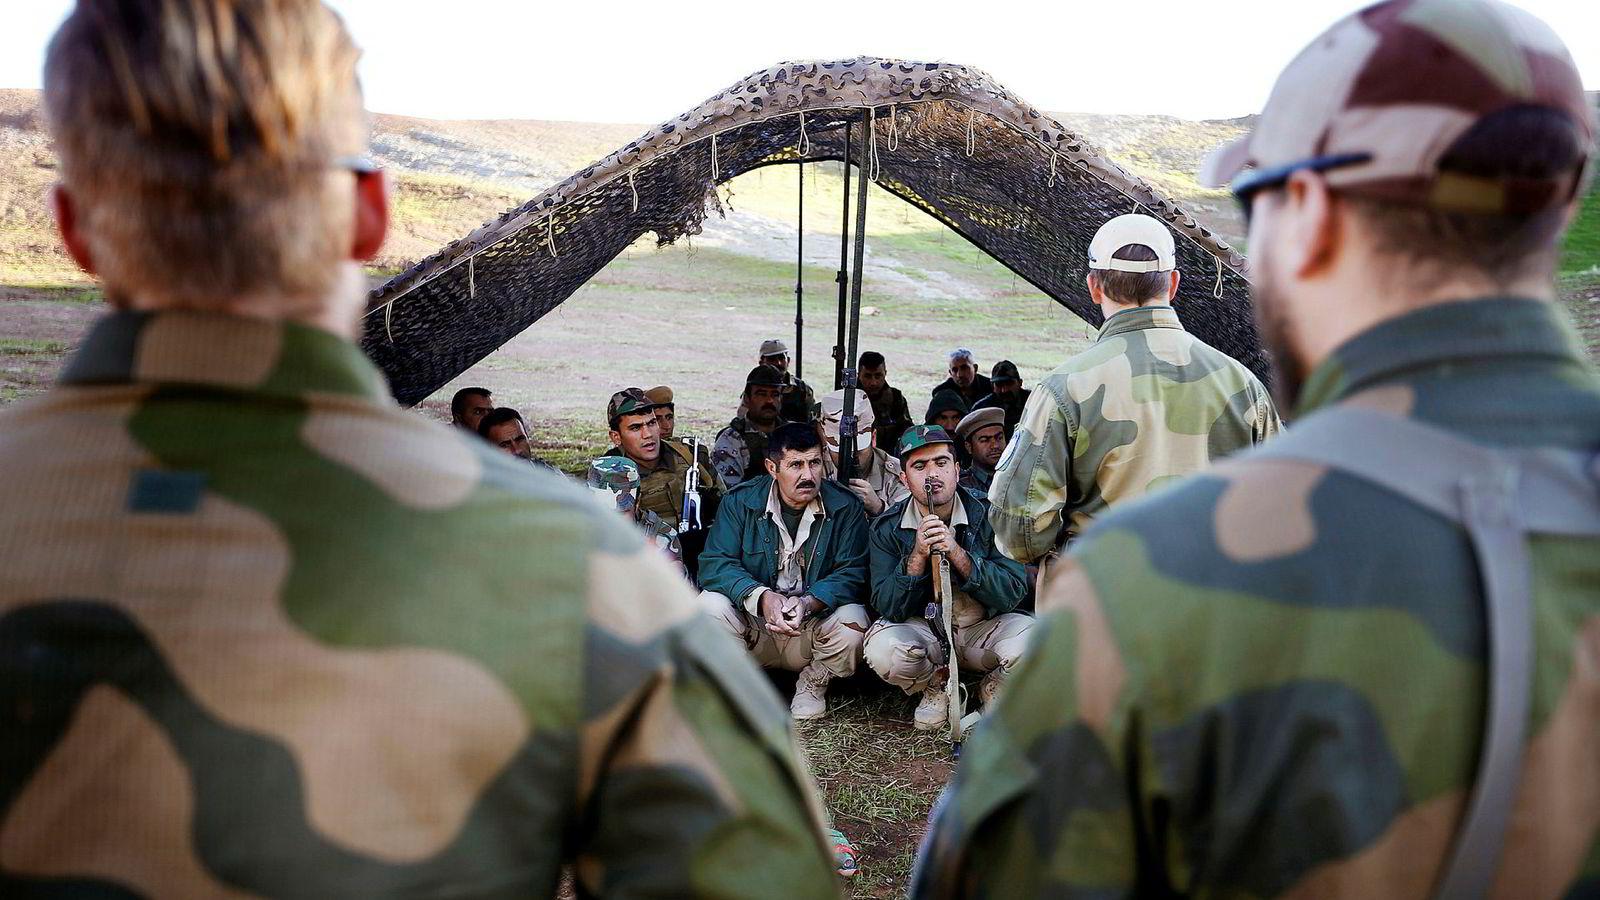 Høsten 2016 trente soldater fra Telemark bataljon opp den kurdiske peshmergaen i Erbil i Nord-Irak for å være rustet mot Den islamske stat.